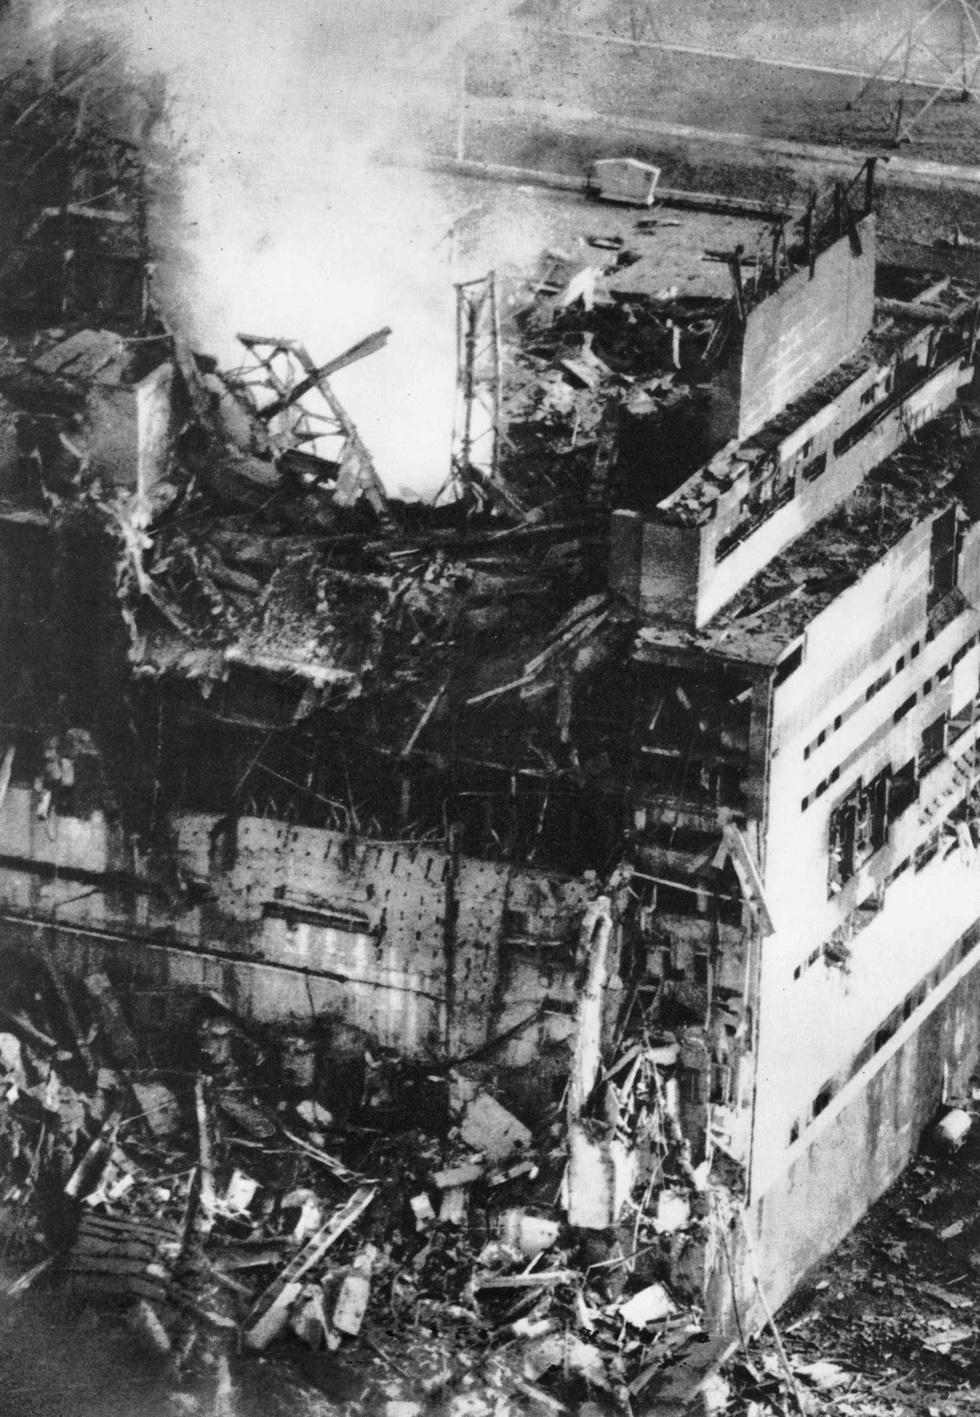 Chernobyl il 26 aprile 1986 foto il post for Opzioni di materiale di raccordo